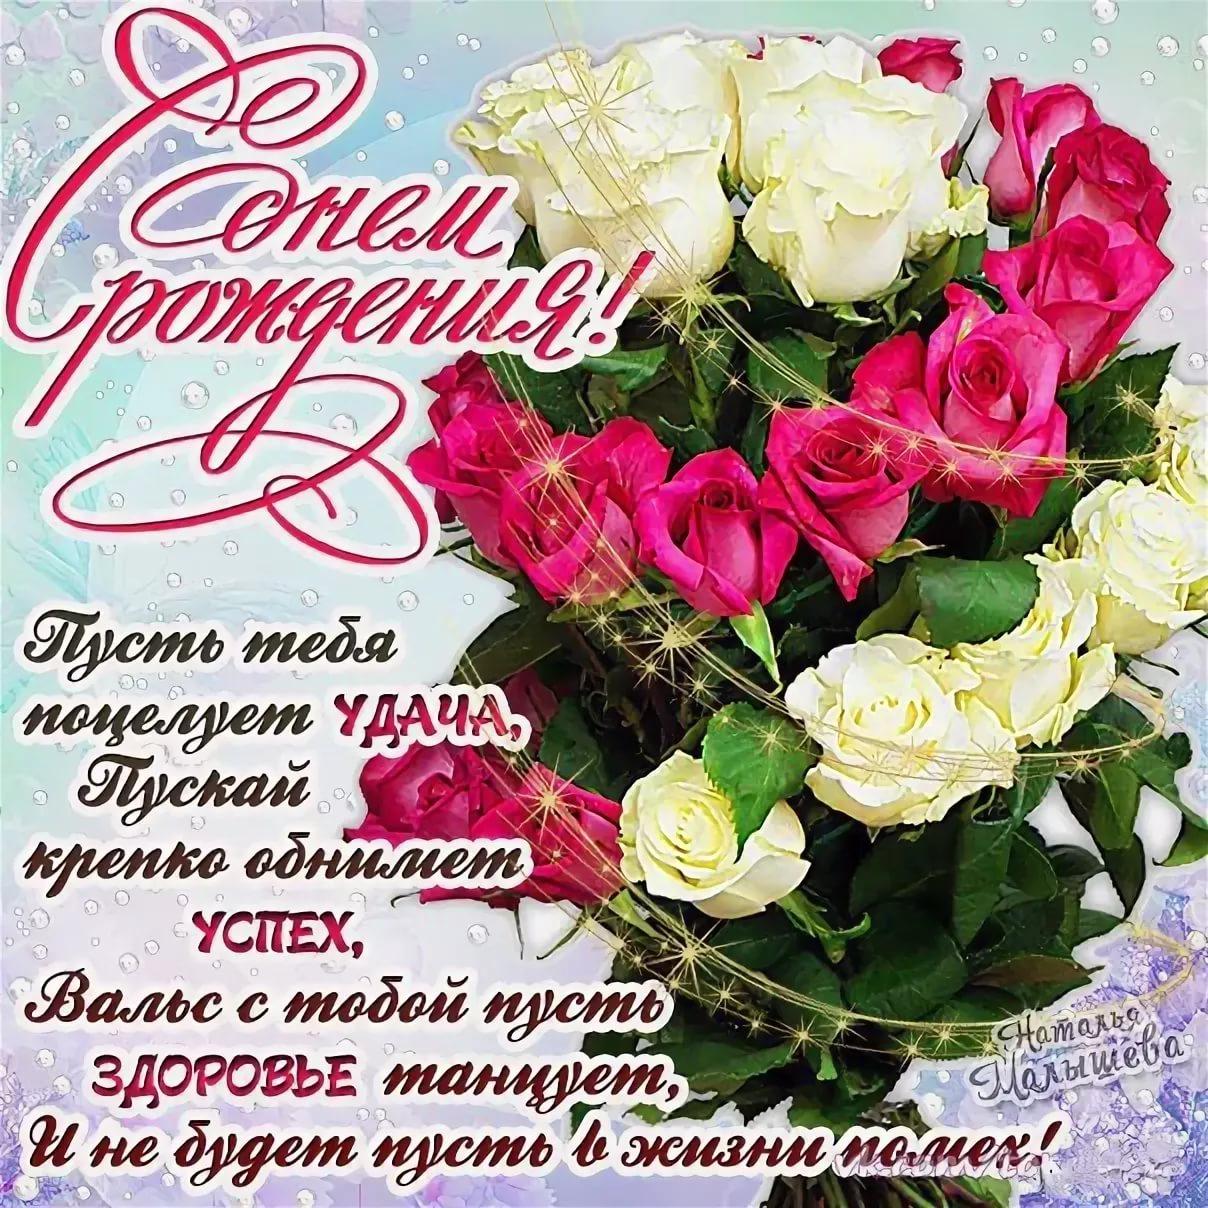 Поздравления с днем рождения женщине алене красивые